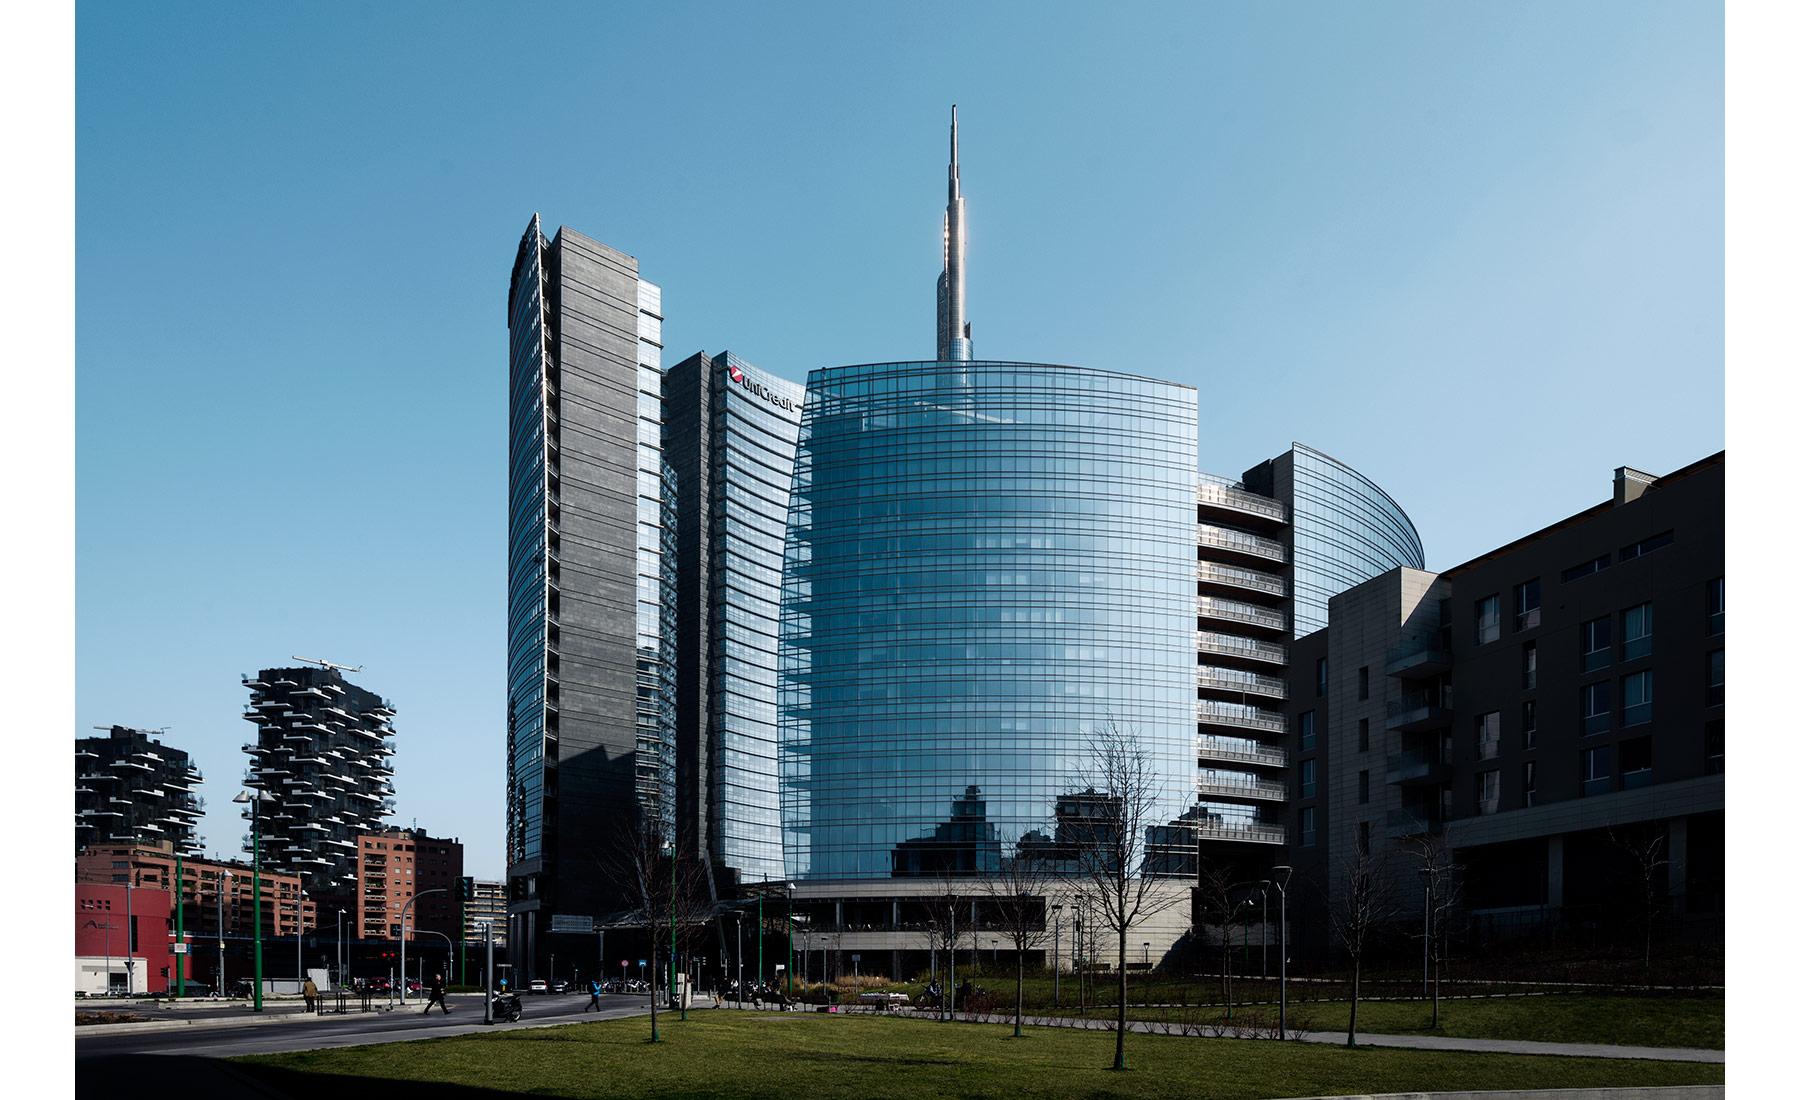 Architecture quartiere porta nuova marco tacchini - Via porta nuova milano ...